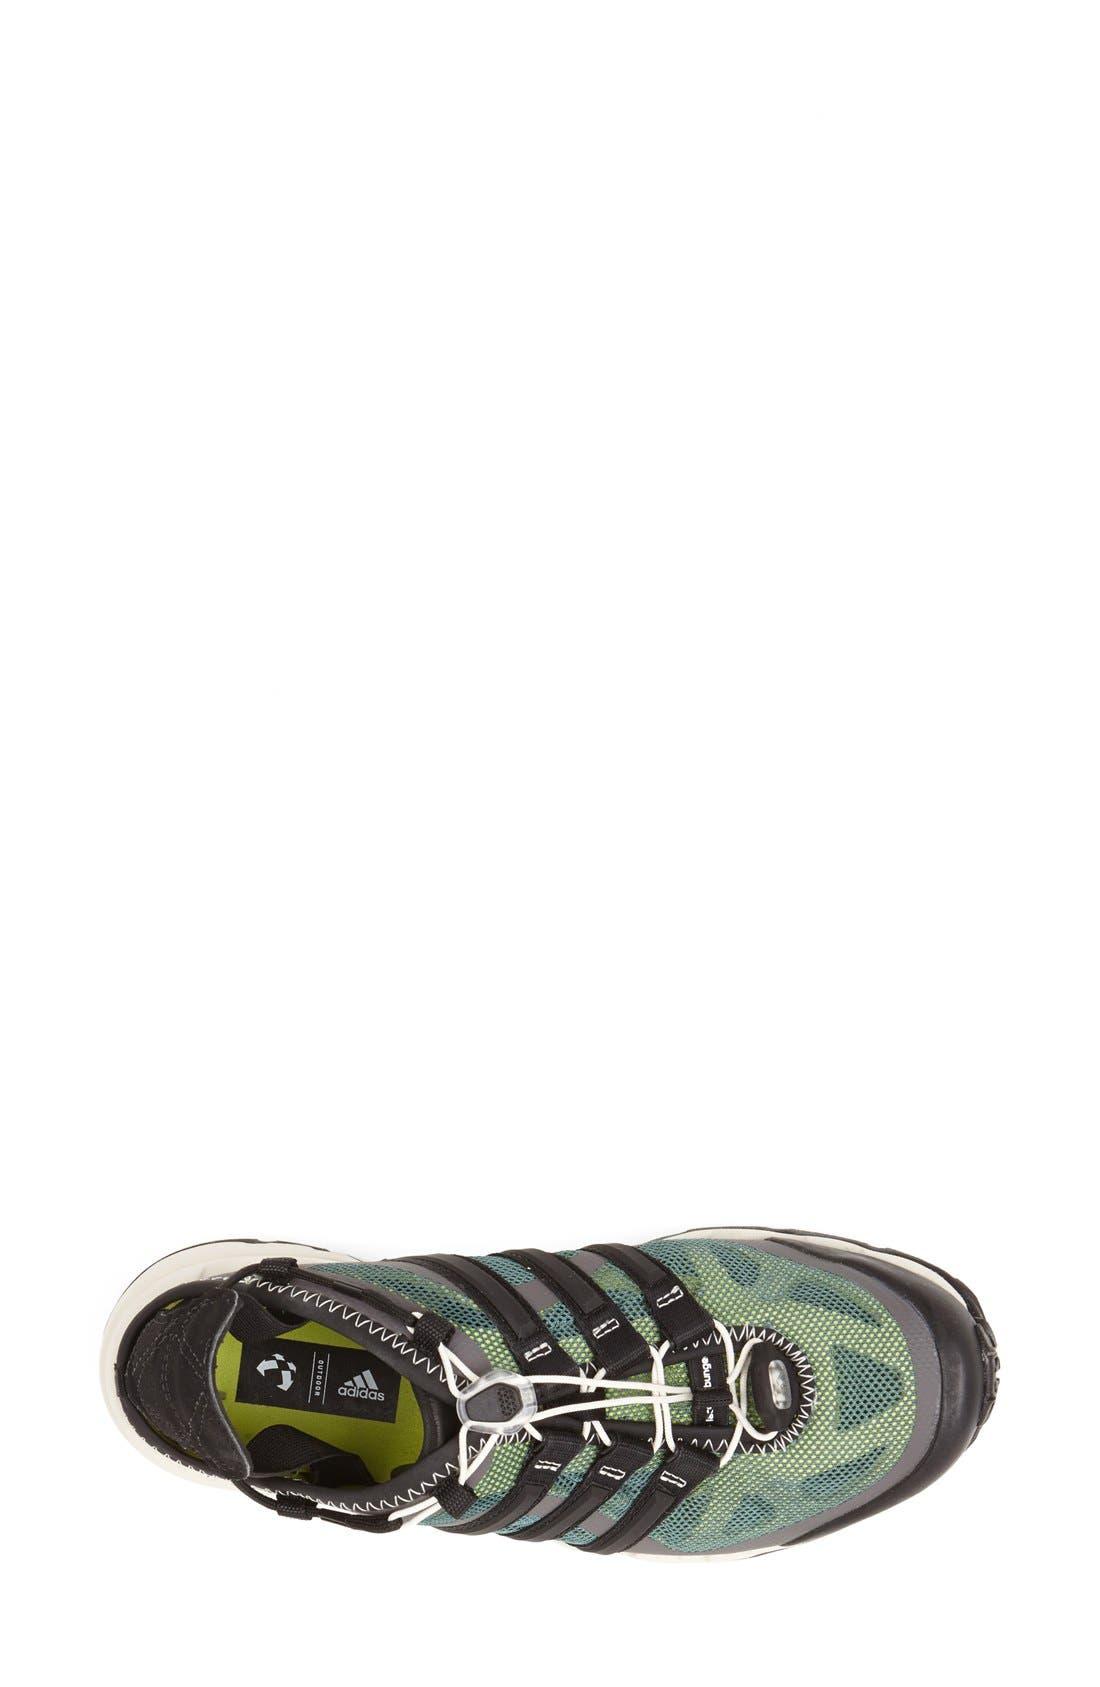 Alternate Image 3  - adidas 'Hydroterra' Walking Shoe (Women)